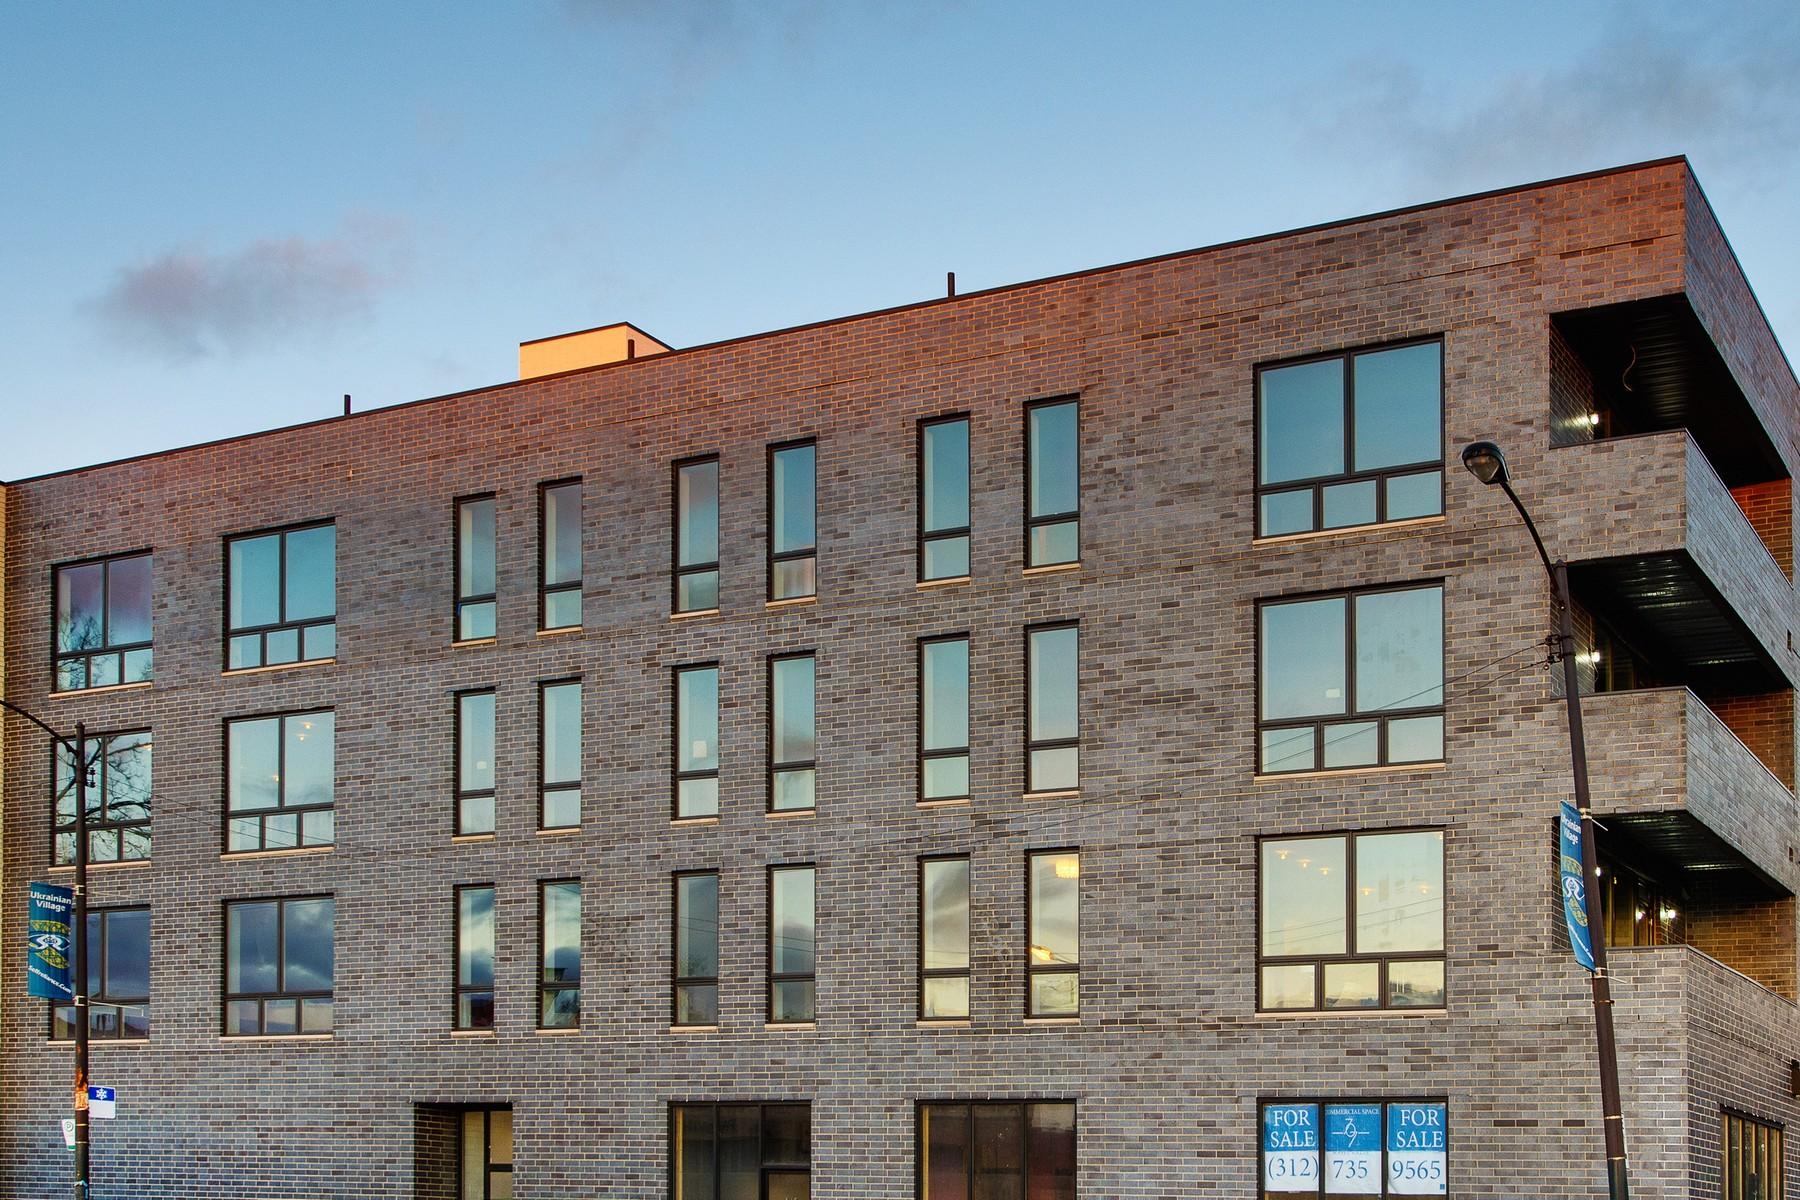 Кооперативная квартира для того Продажа на Nine Unit Corner Elevator Building 707 N Western Avenue Unit 301 West Town, Chicago, Иллинойс, 60612 Соединенные Штаты